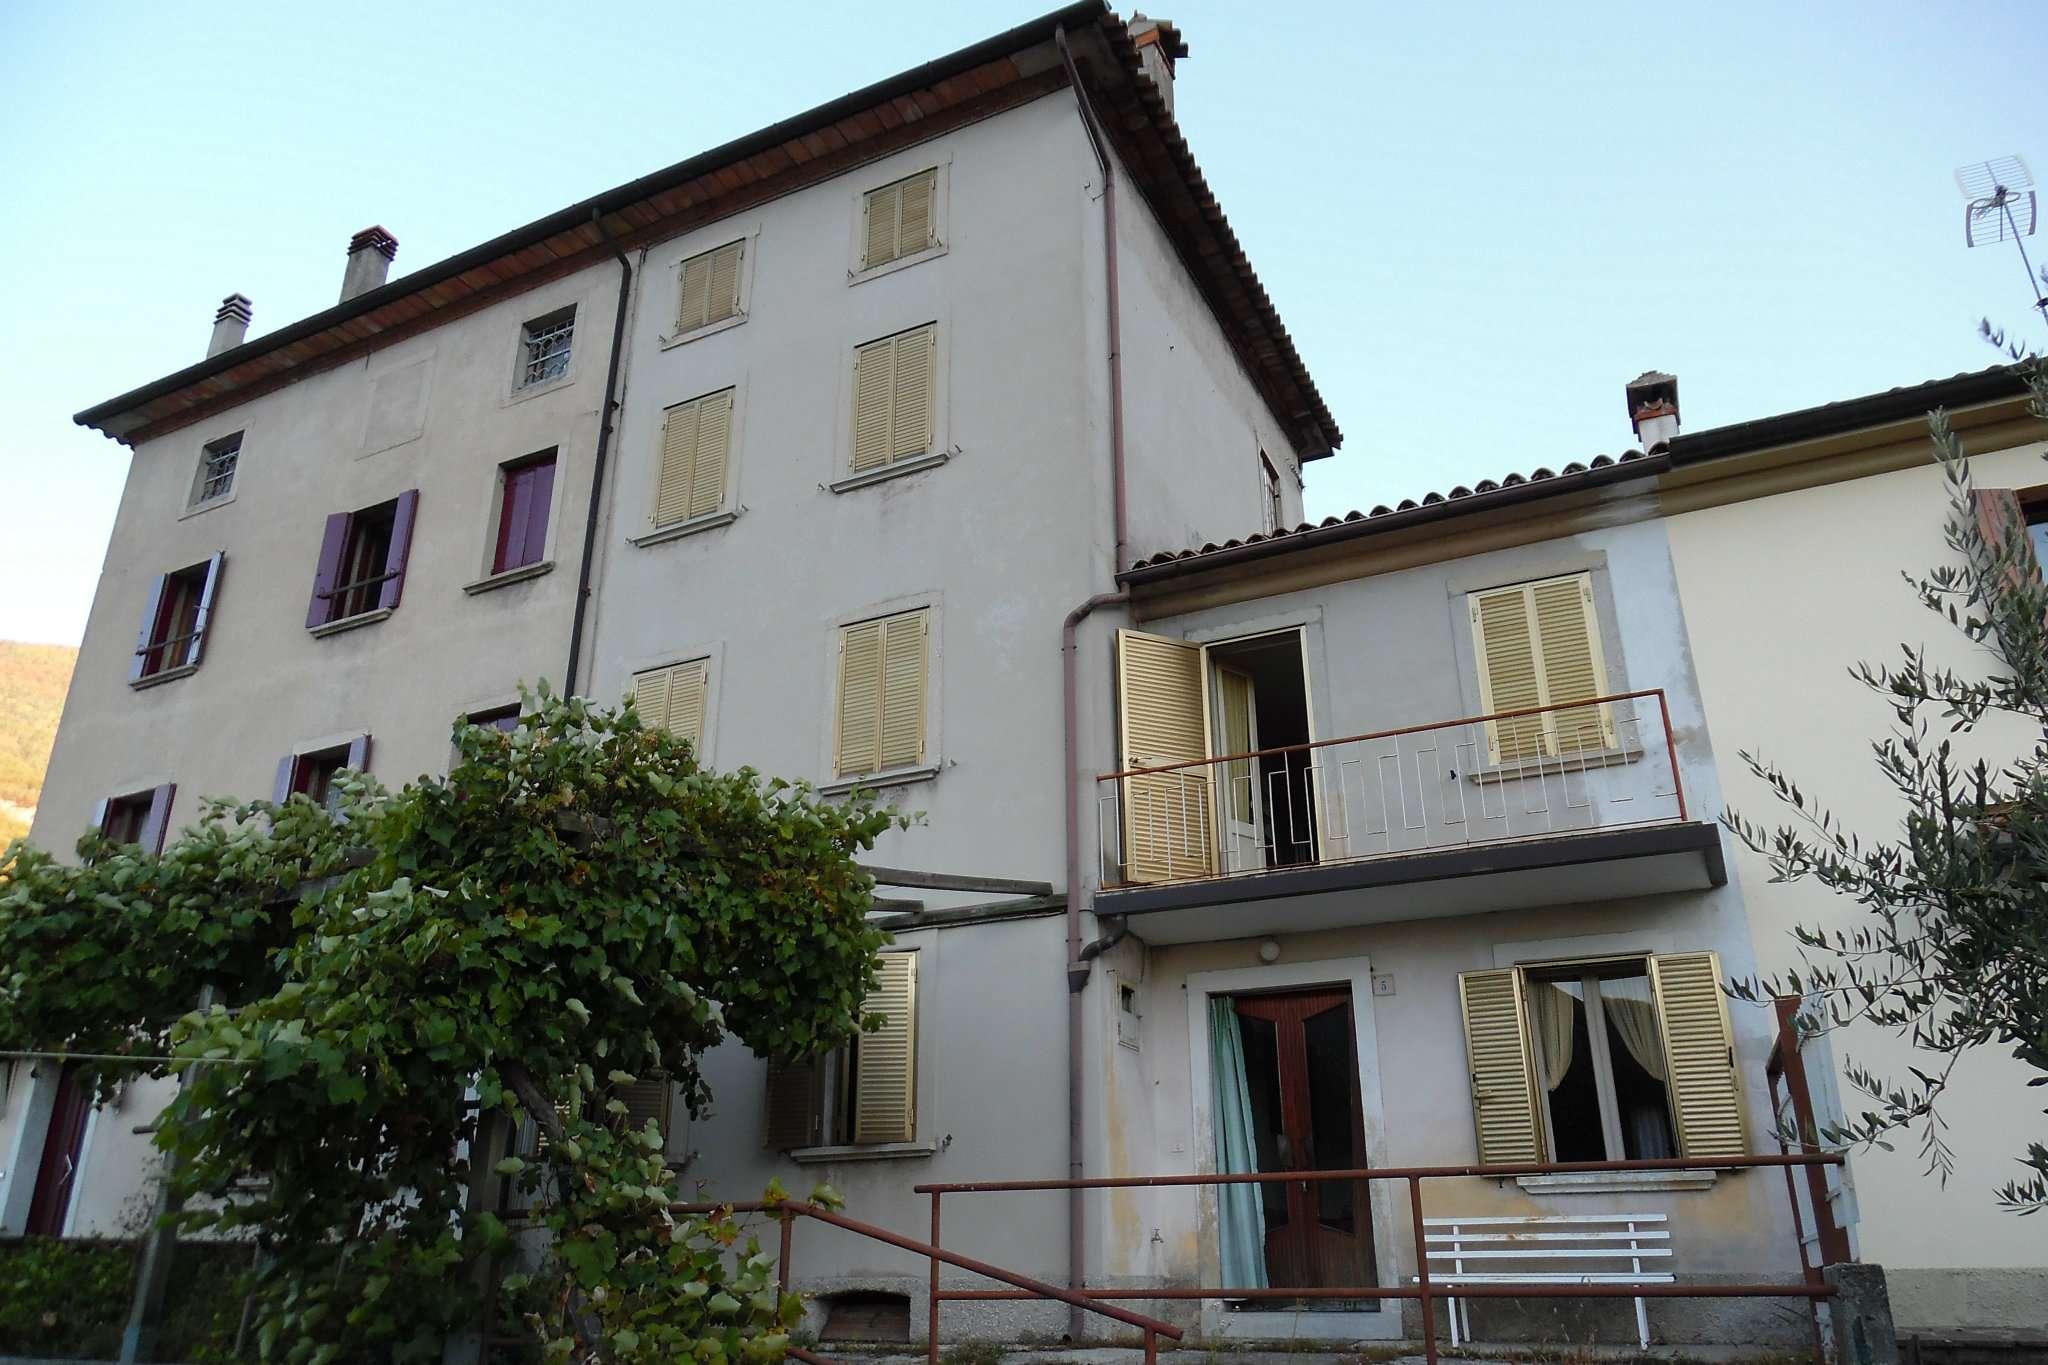 Soluzione Indipendente in vendita a Vittorio Veneto, 9999 locali, prezzo € 68.000 | CambioCasa.it